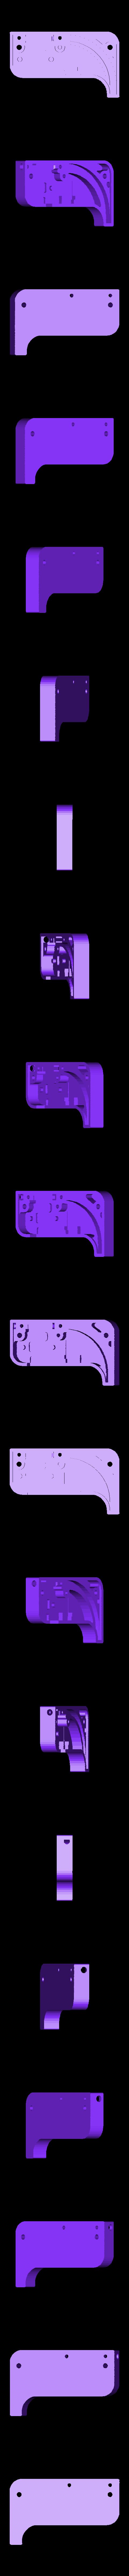 Case_Sensor.STL Télécharger fichier STL gratuit Capteur de faux-rond du filament • Plan imprimable en 3D, perinski